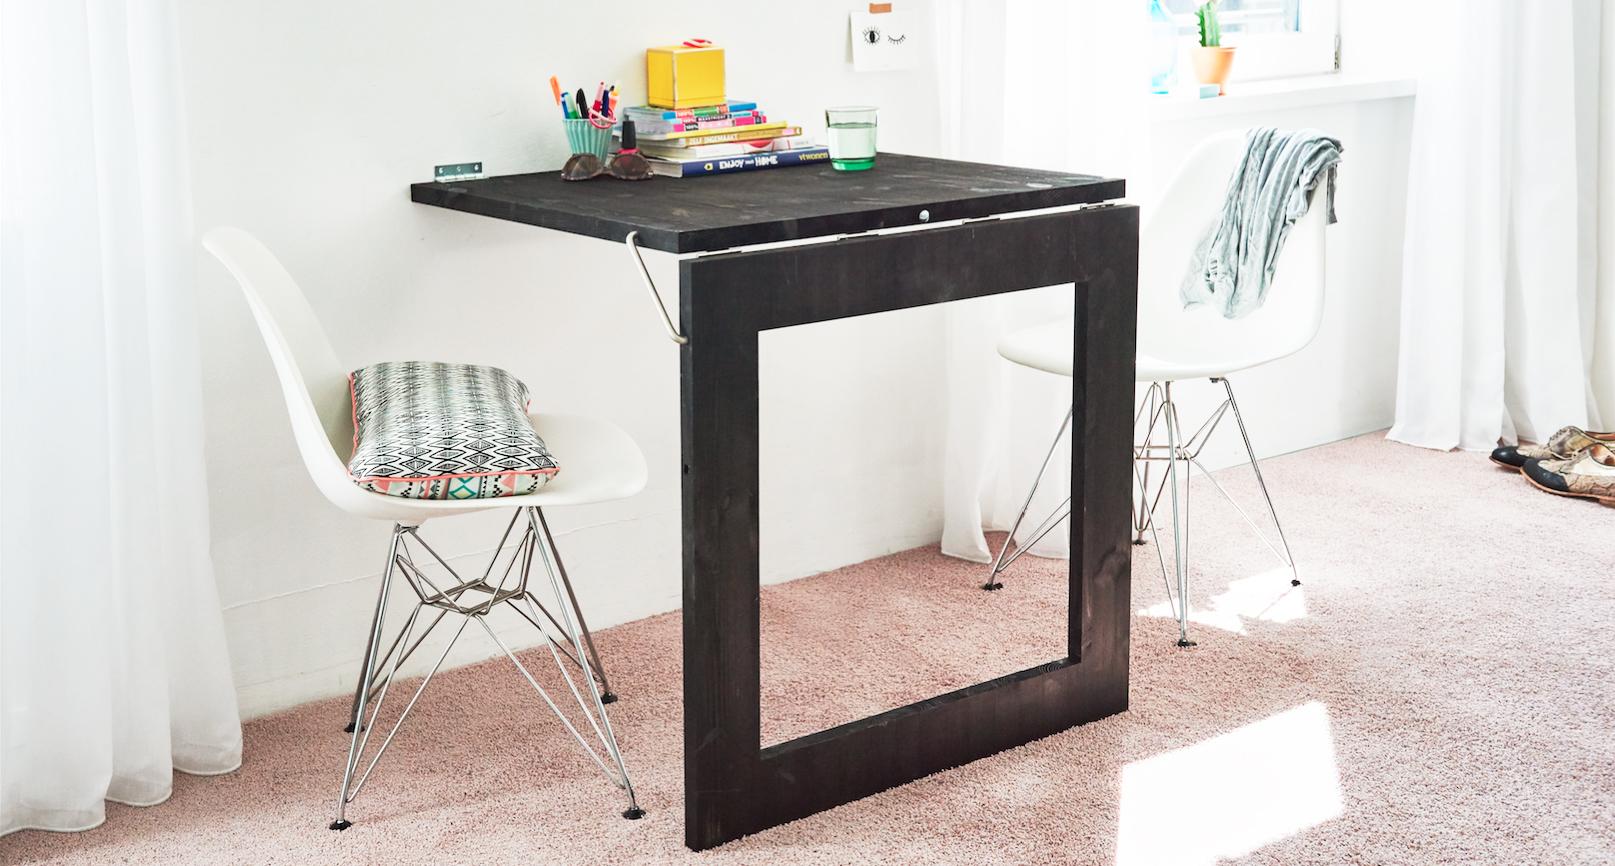 Maak je eigen houten meubels top 5 praxis blog for Opklapbare tafel